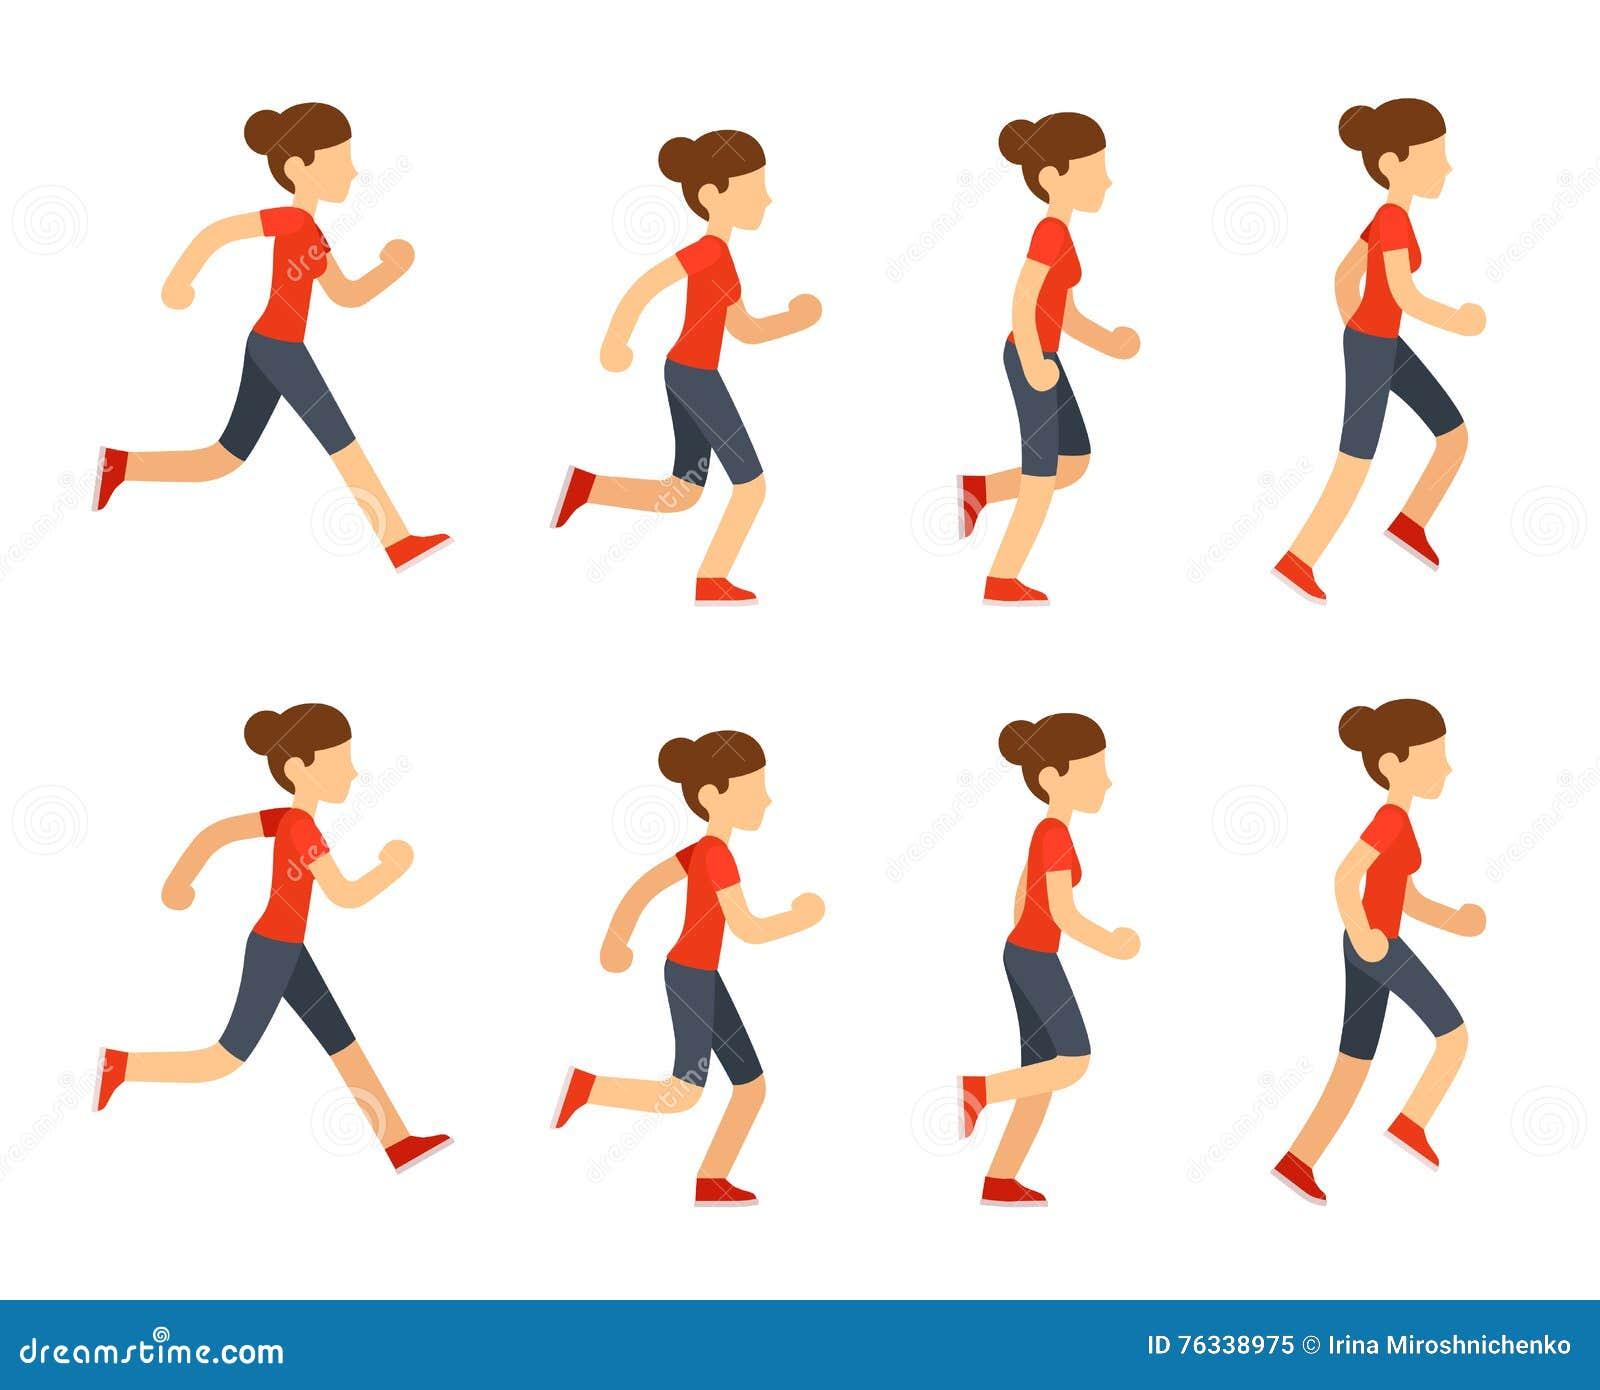 Running Man Animation Frames - More information